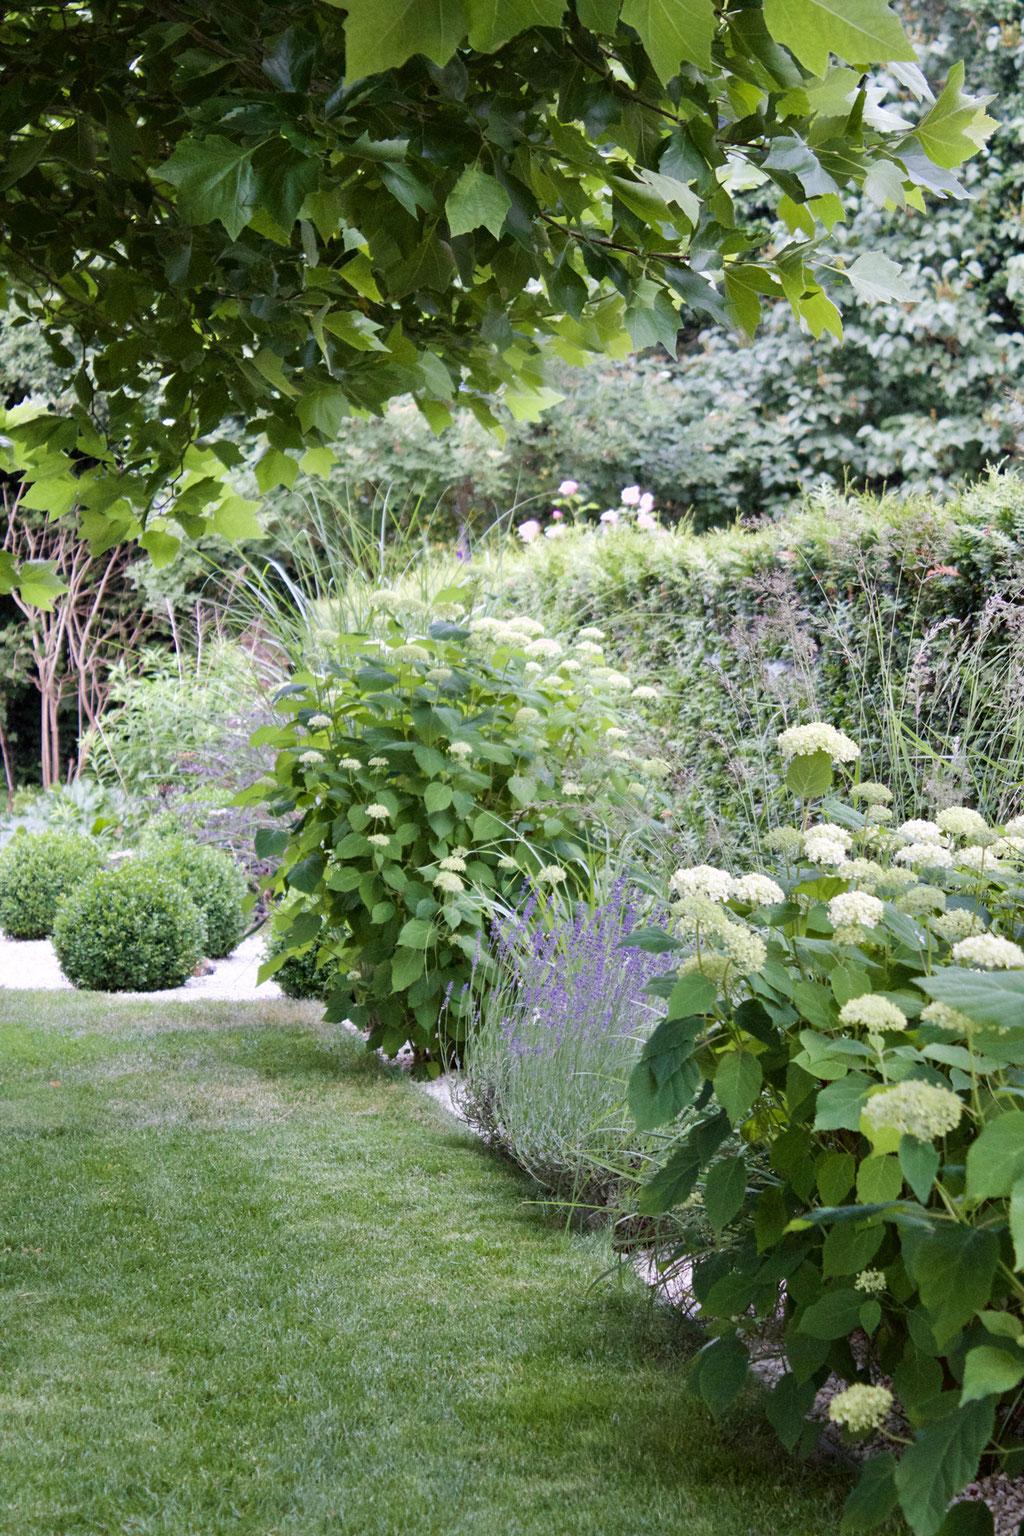 dieartigeGARTEN - Sommergarten mit Buchs, Ballhortensien, Lavendel, Gräsern